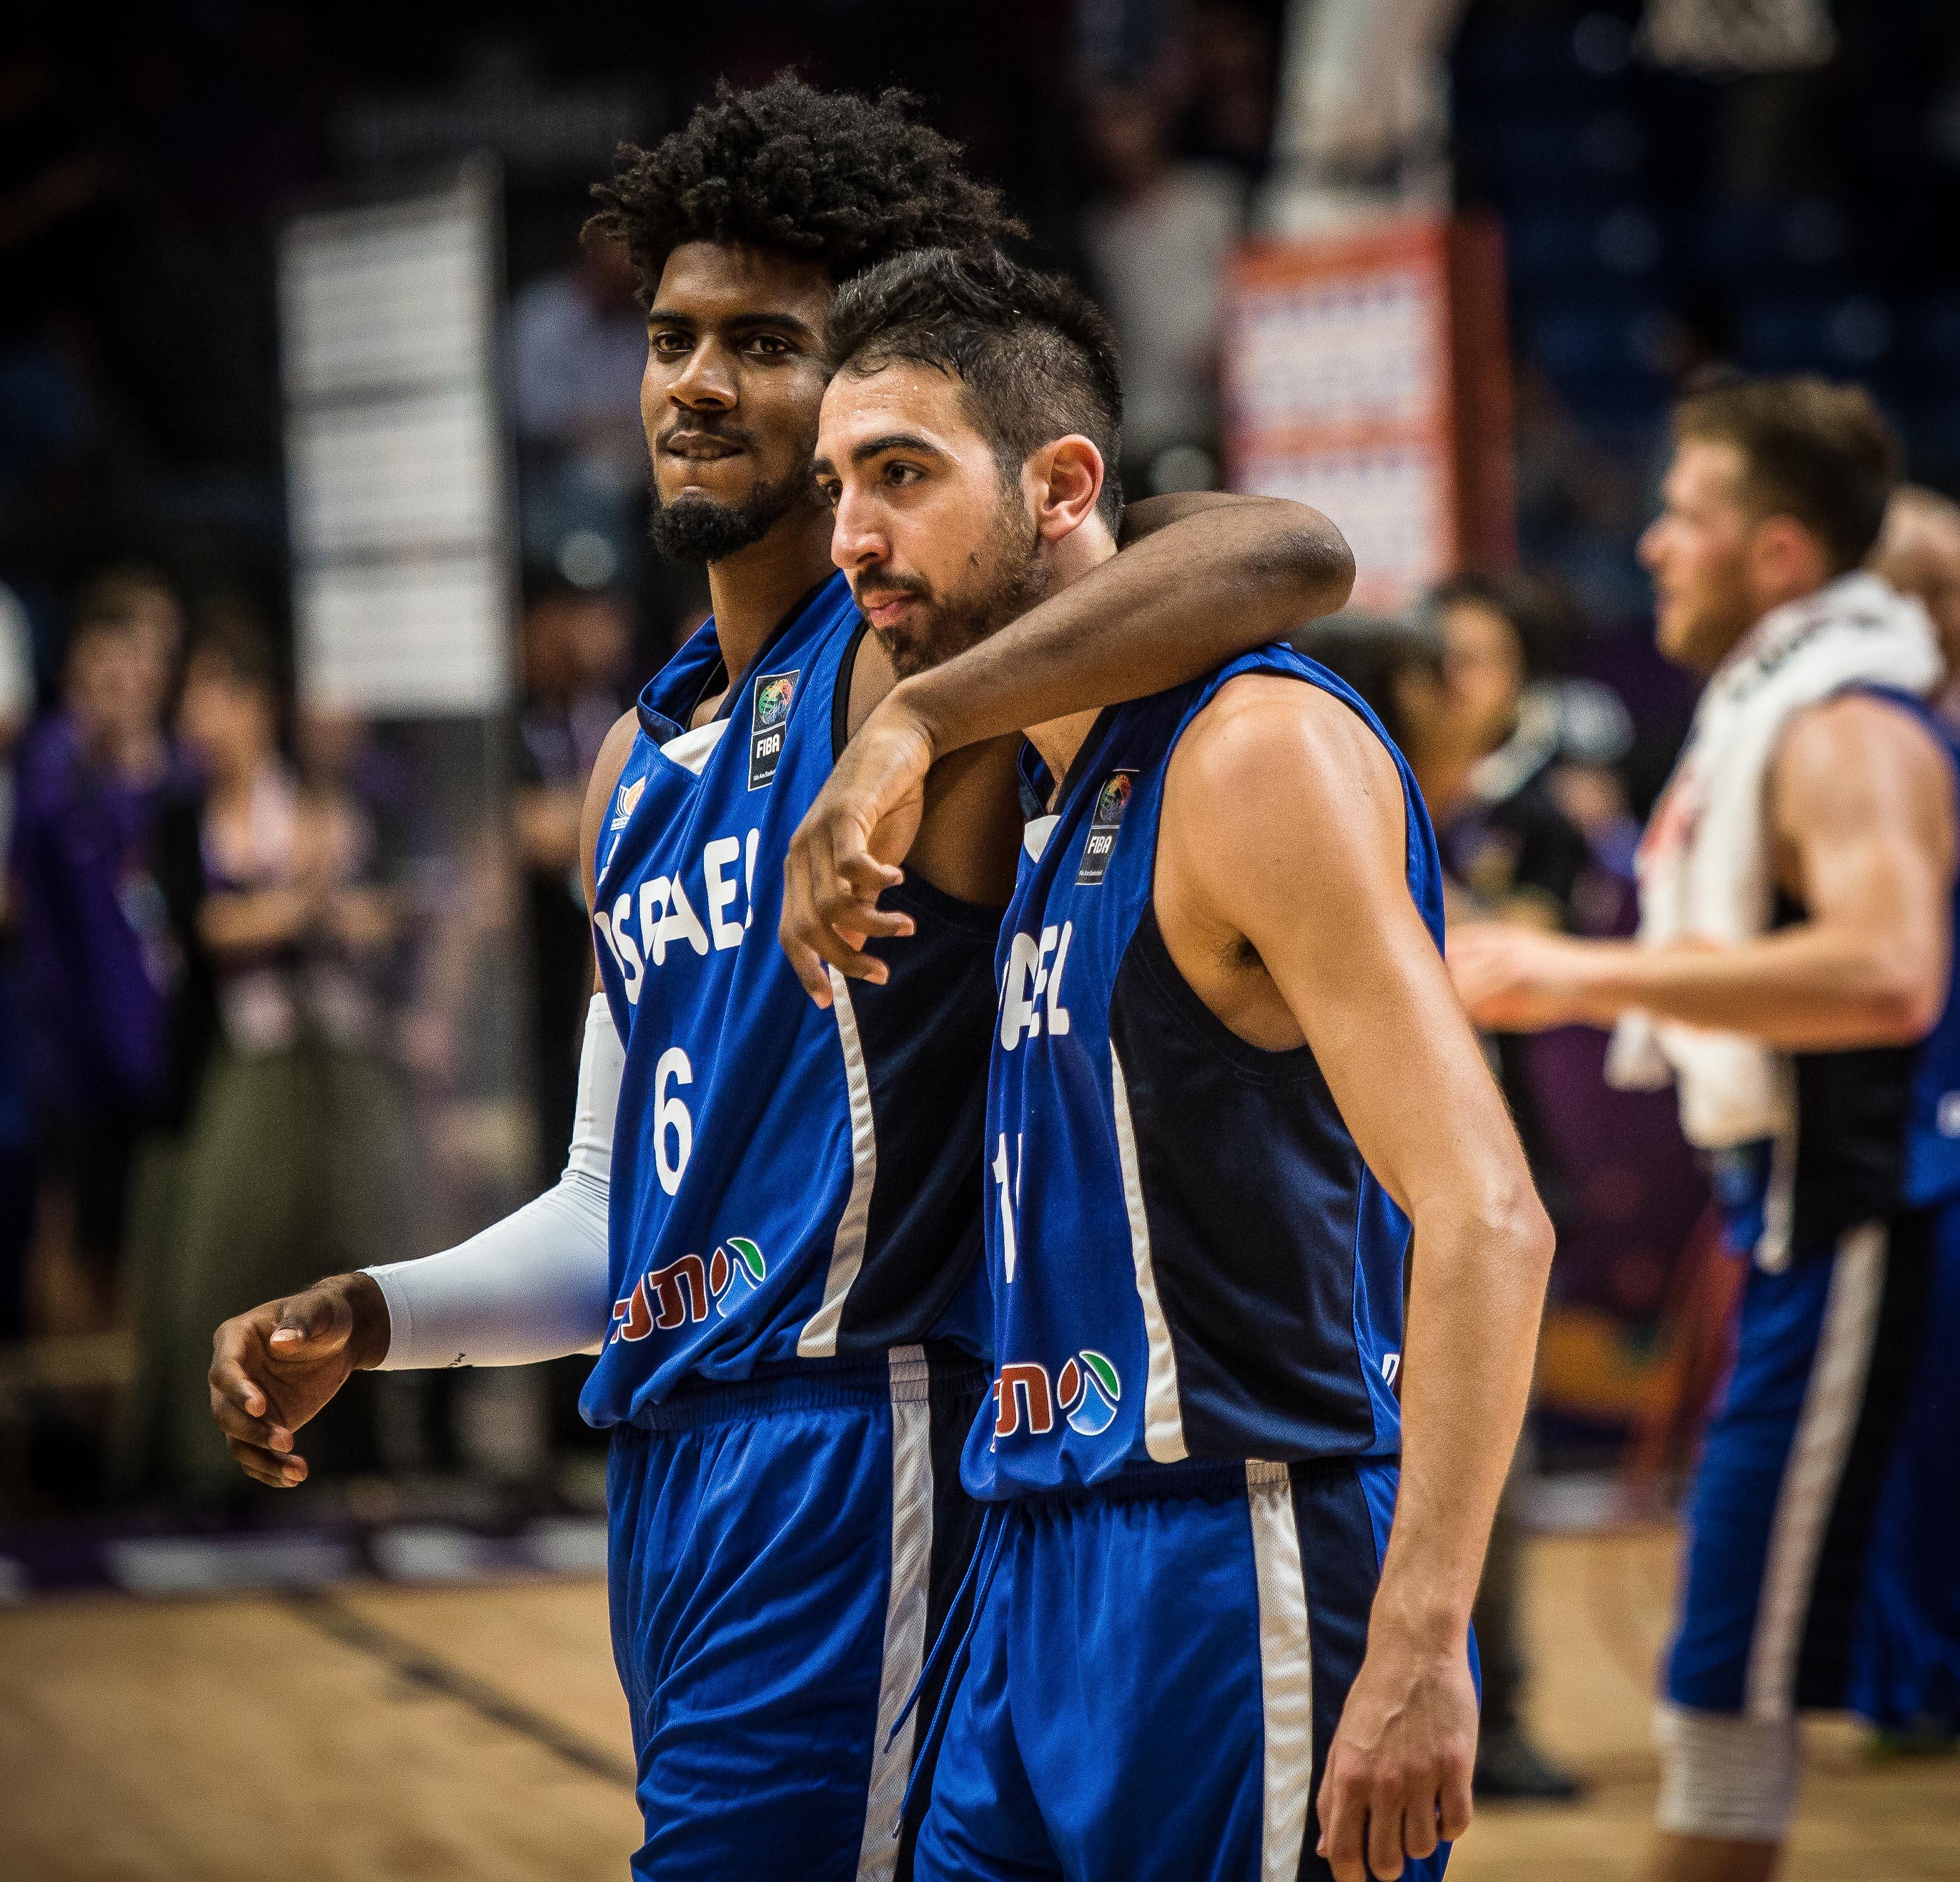 כואב: ישראל הפסידה לגאורגיה ולא תעלה לשמינית הגמר